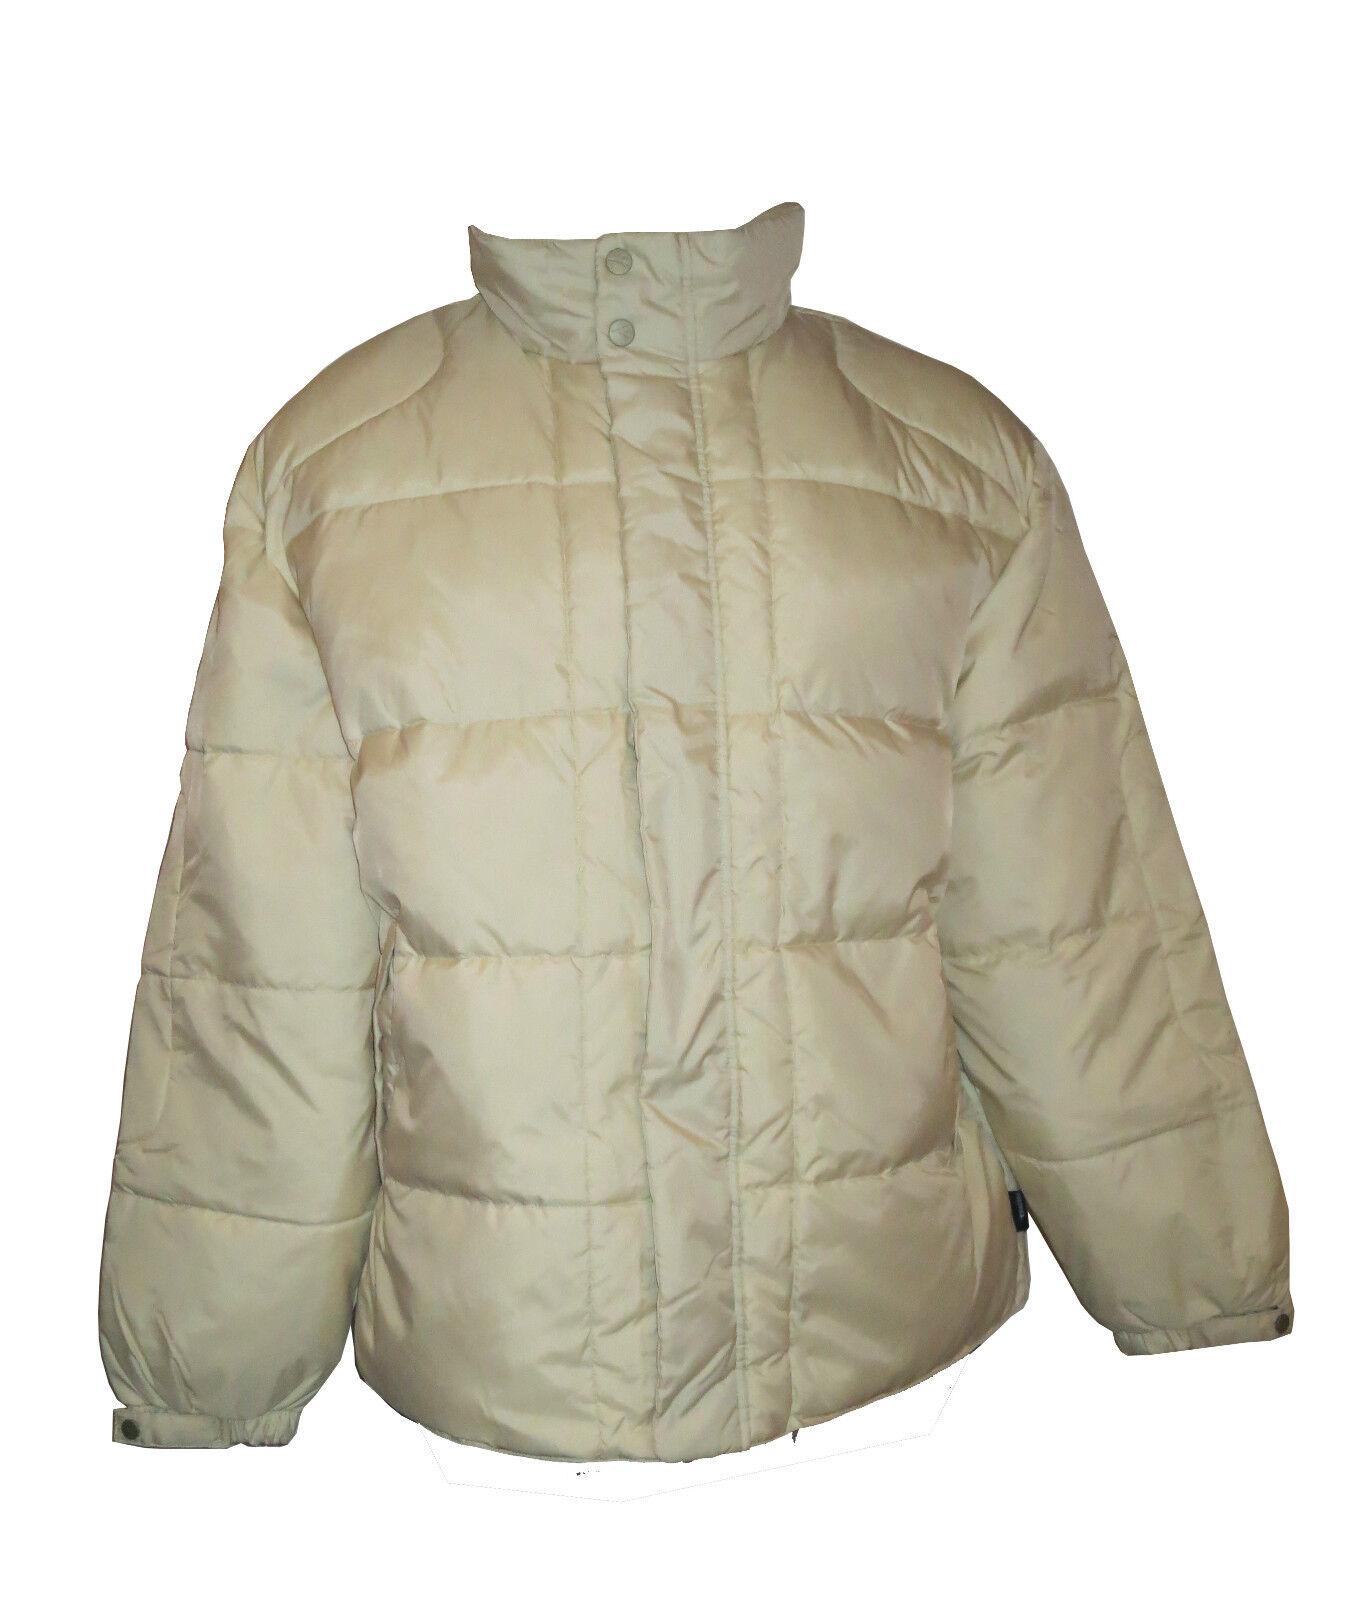 Diadora Vera Piuma Jacket [XL méret] Down Jacket Kültéri Jacket Jacket Új & amp;OVP